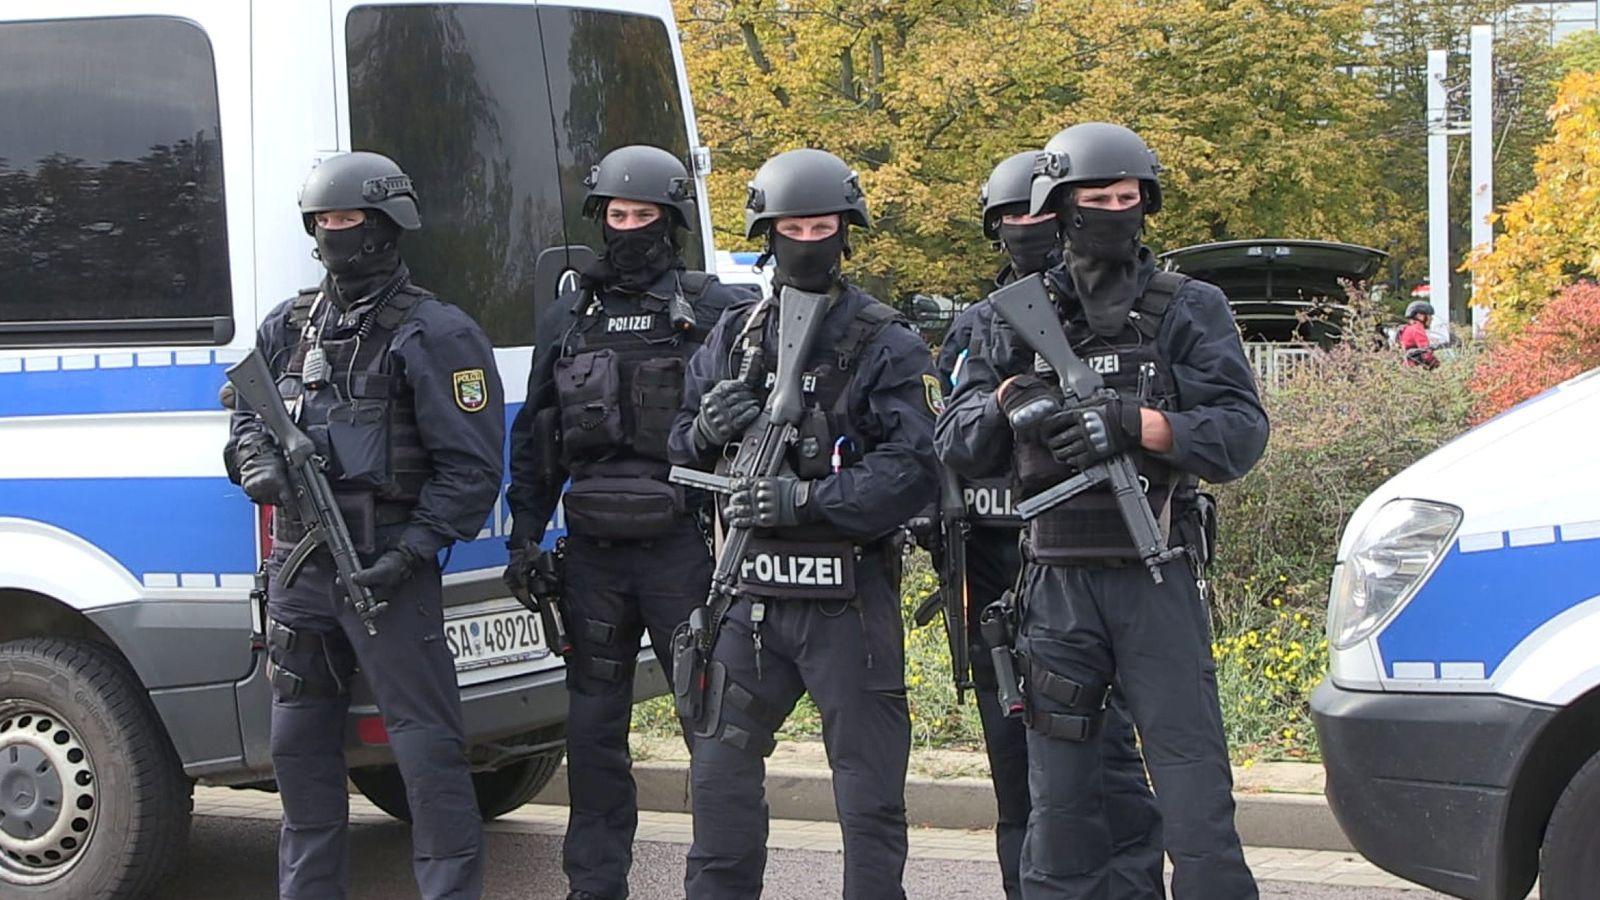 Foto: Policías en el área donde se ha producido el tiroteo. (Reuters)